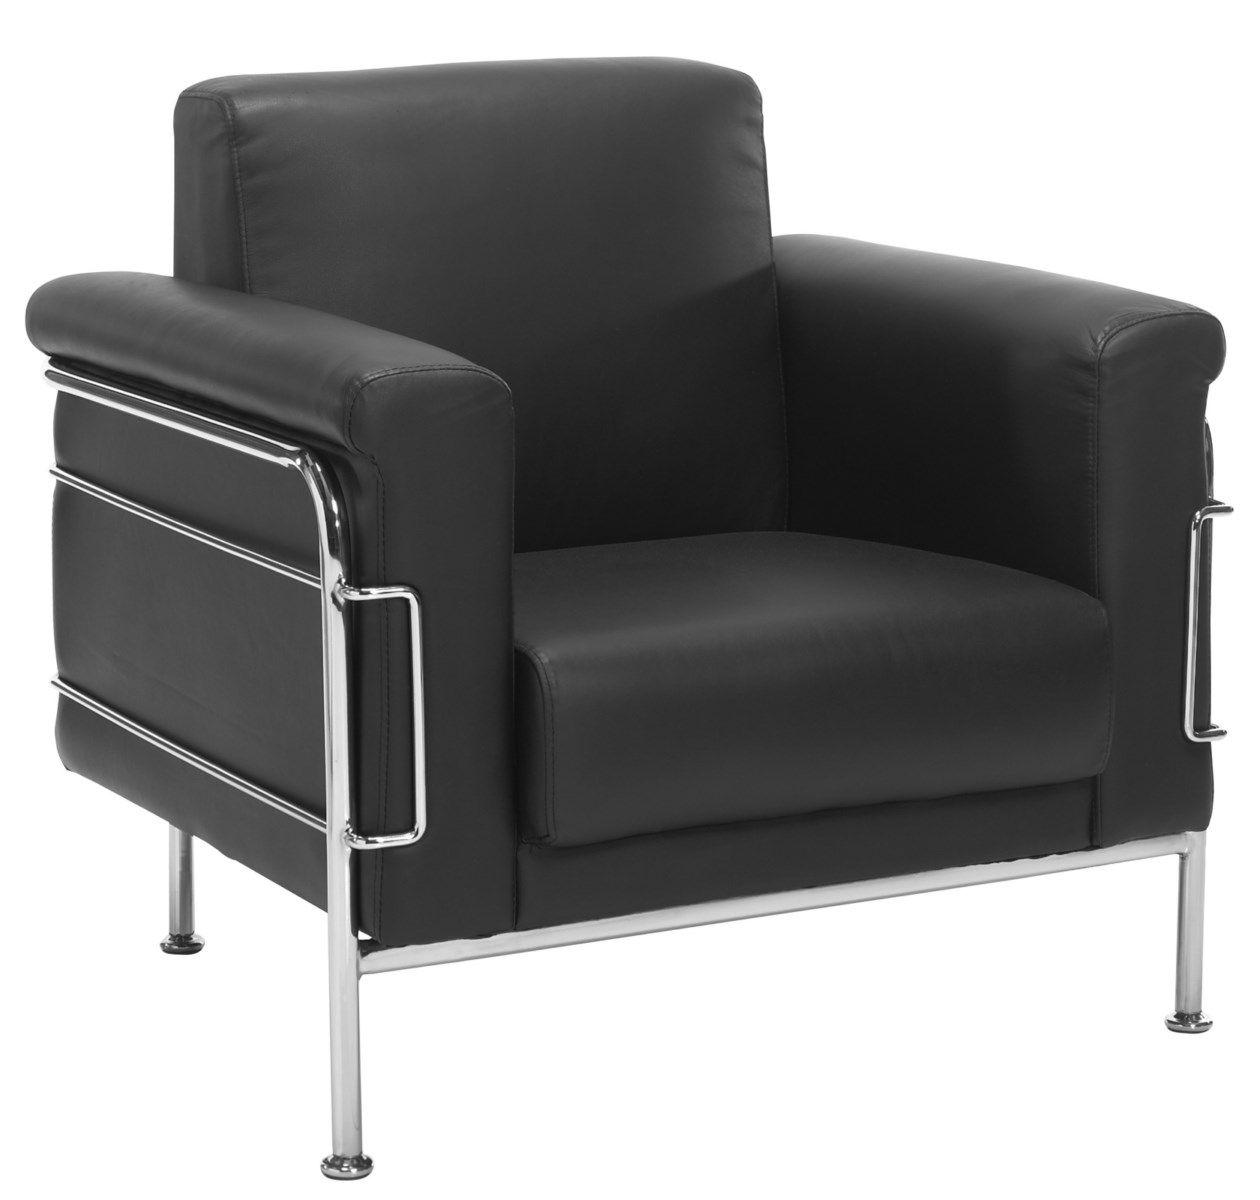 Elite Napoli One Seater Sofa Seater sofa, Sofa